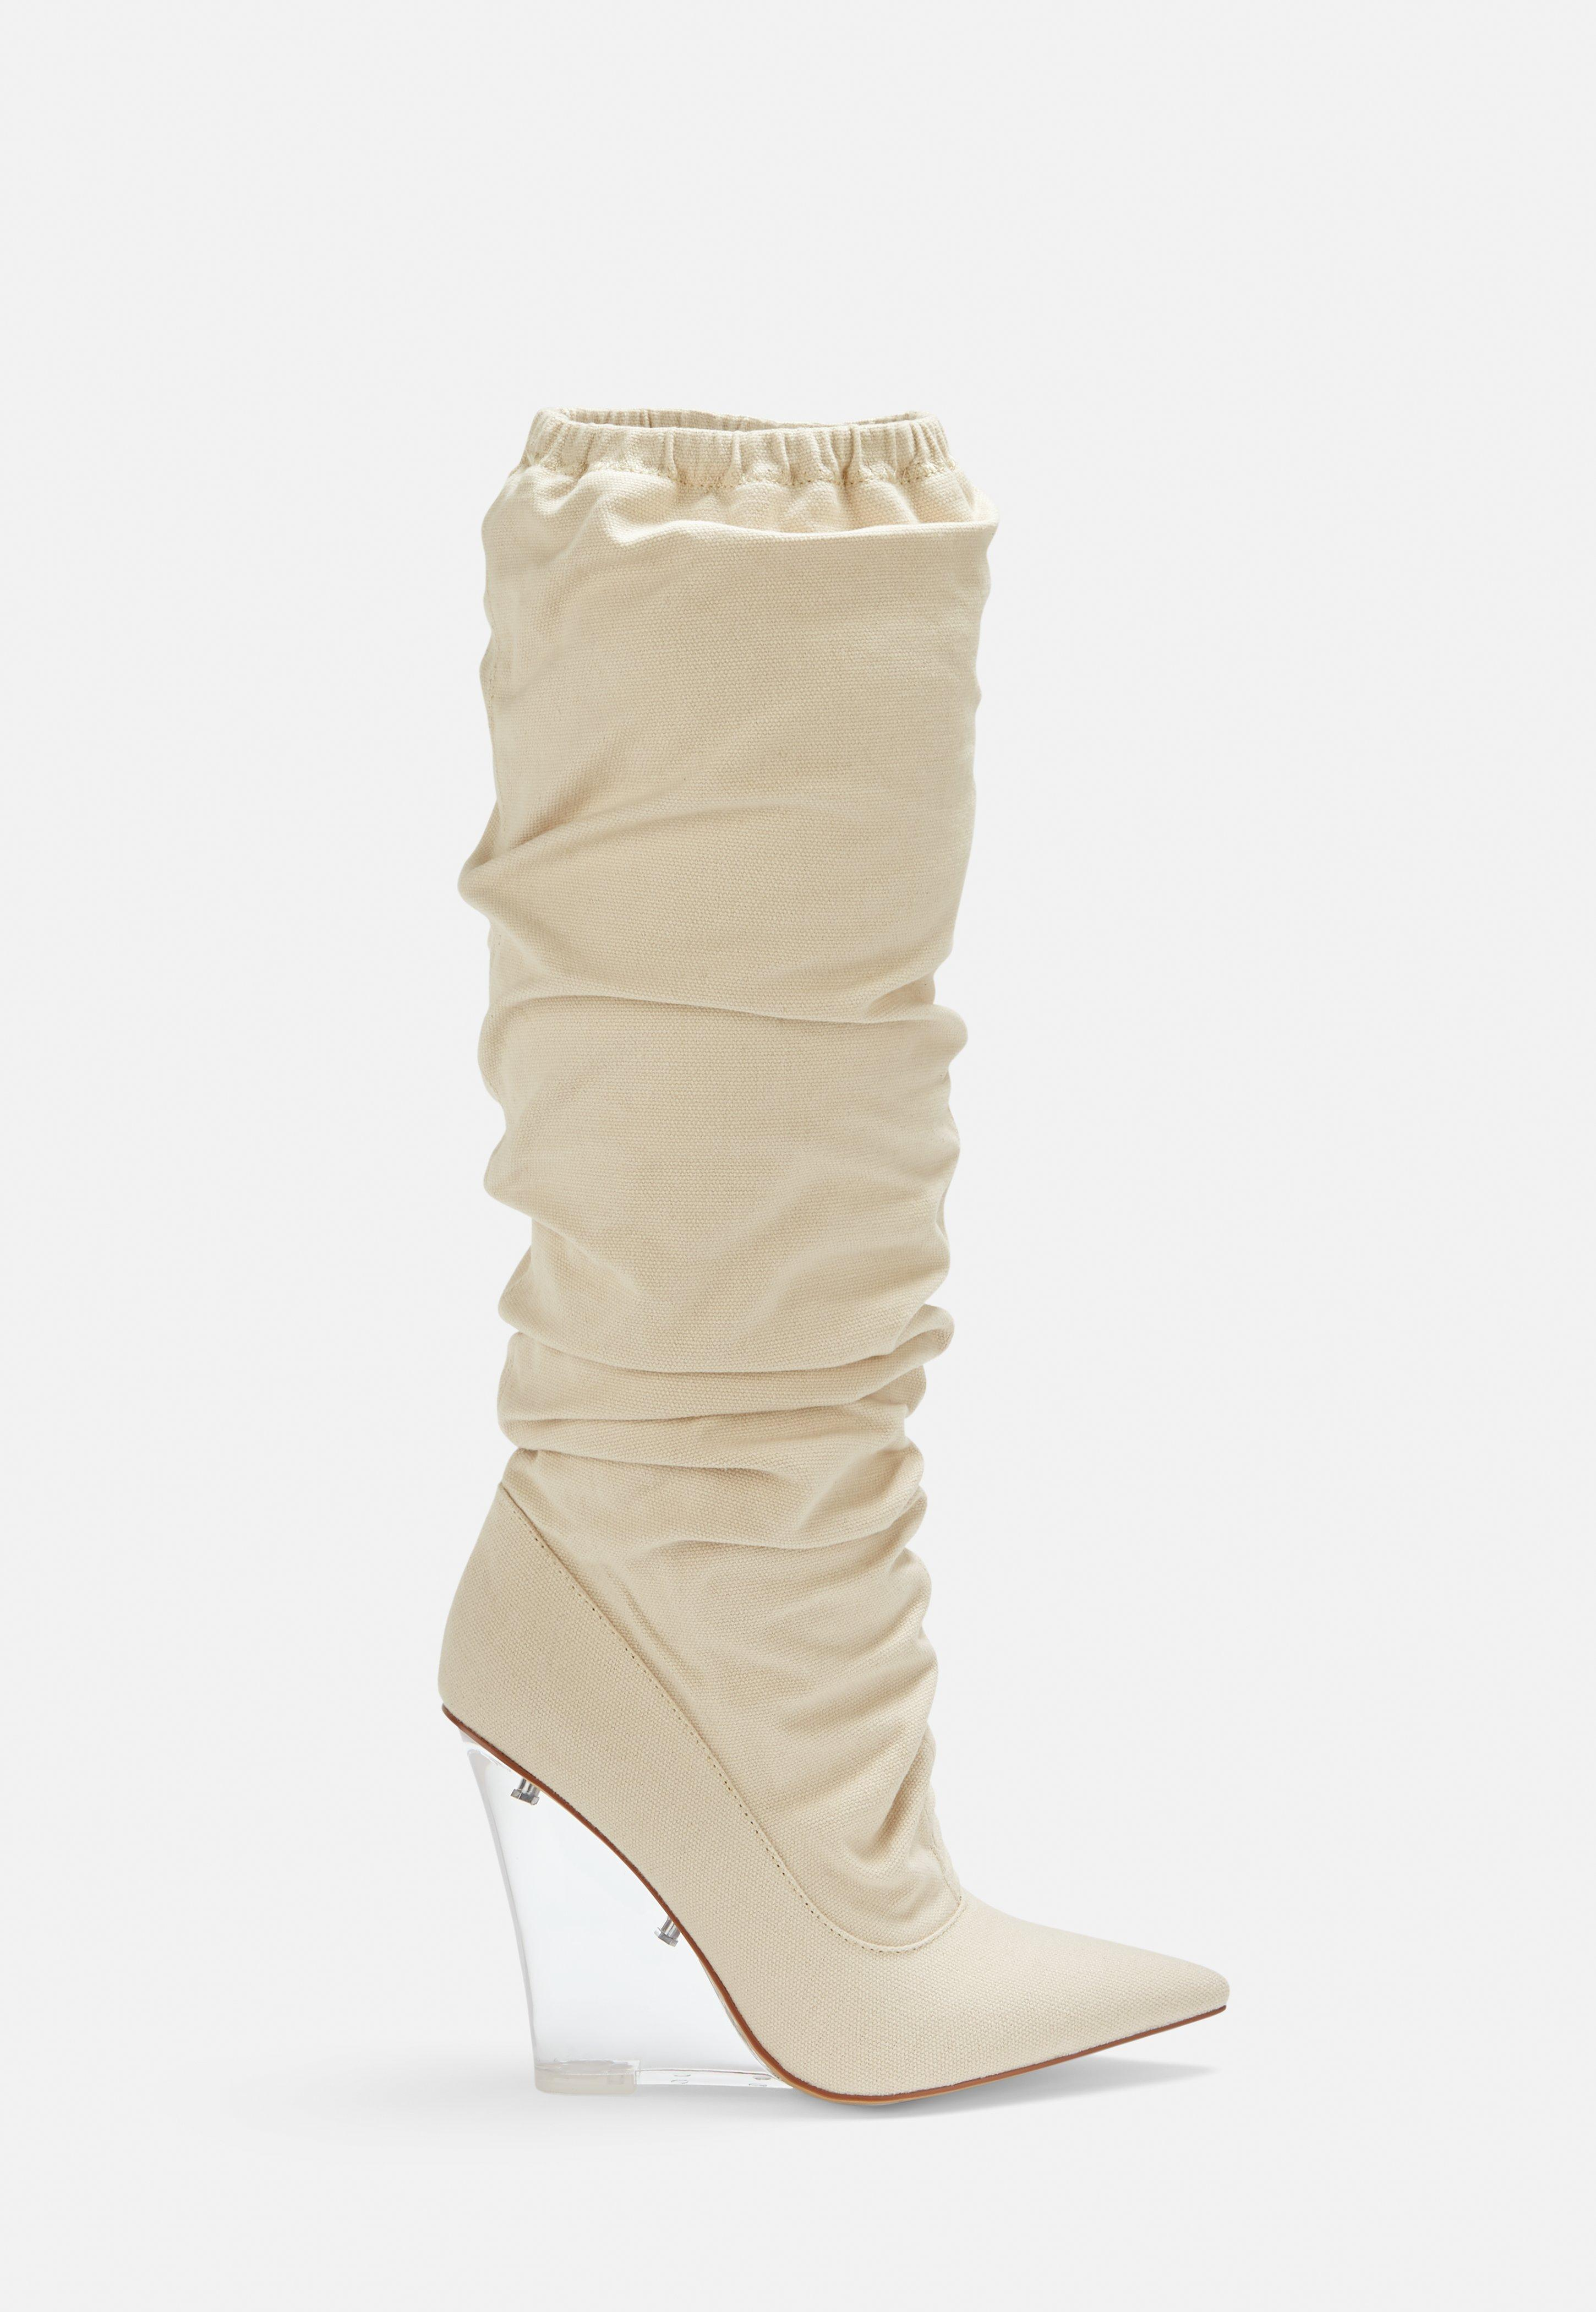 mode attrayante achat authentique brillance des couleurs Bottes beige à talons transparents